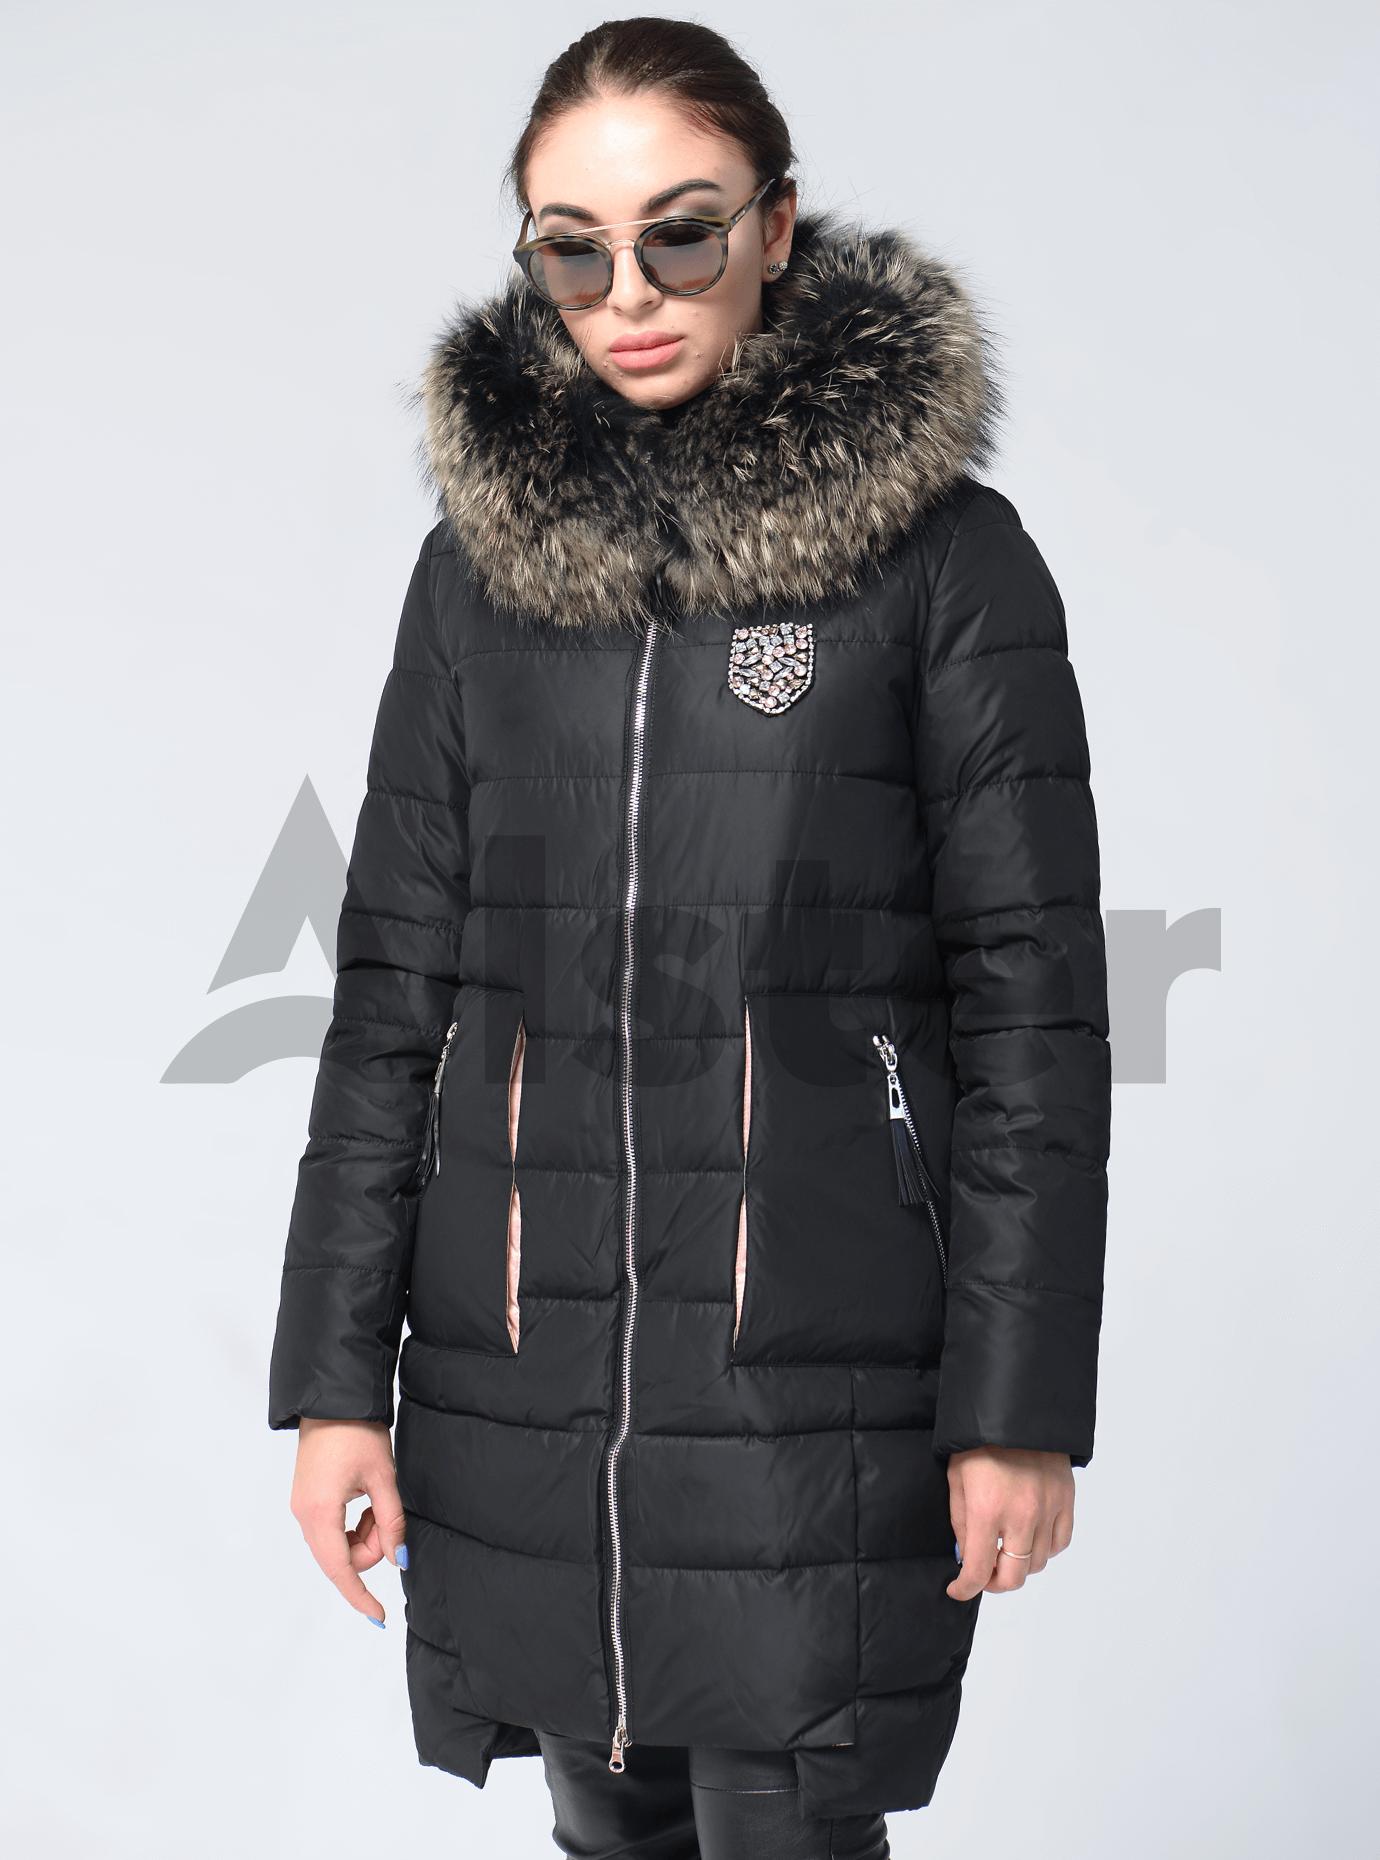 Куртка зимняя с нашивкой на груди и мехом енота Чёрный L (05-V191255): фото - Alster.ua